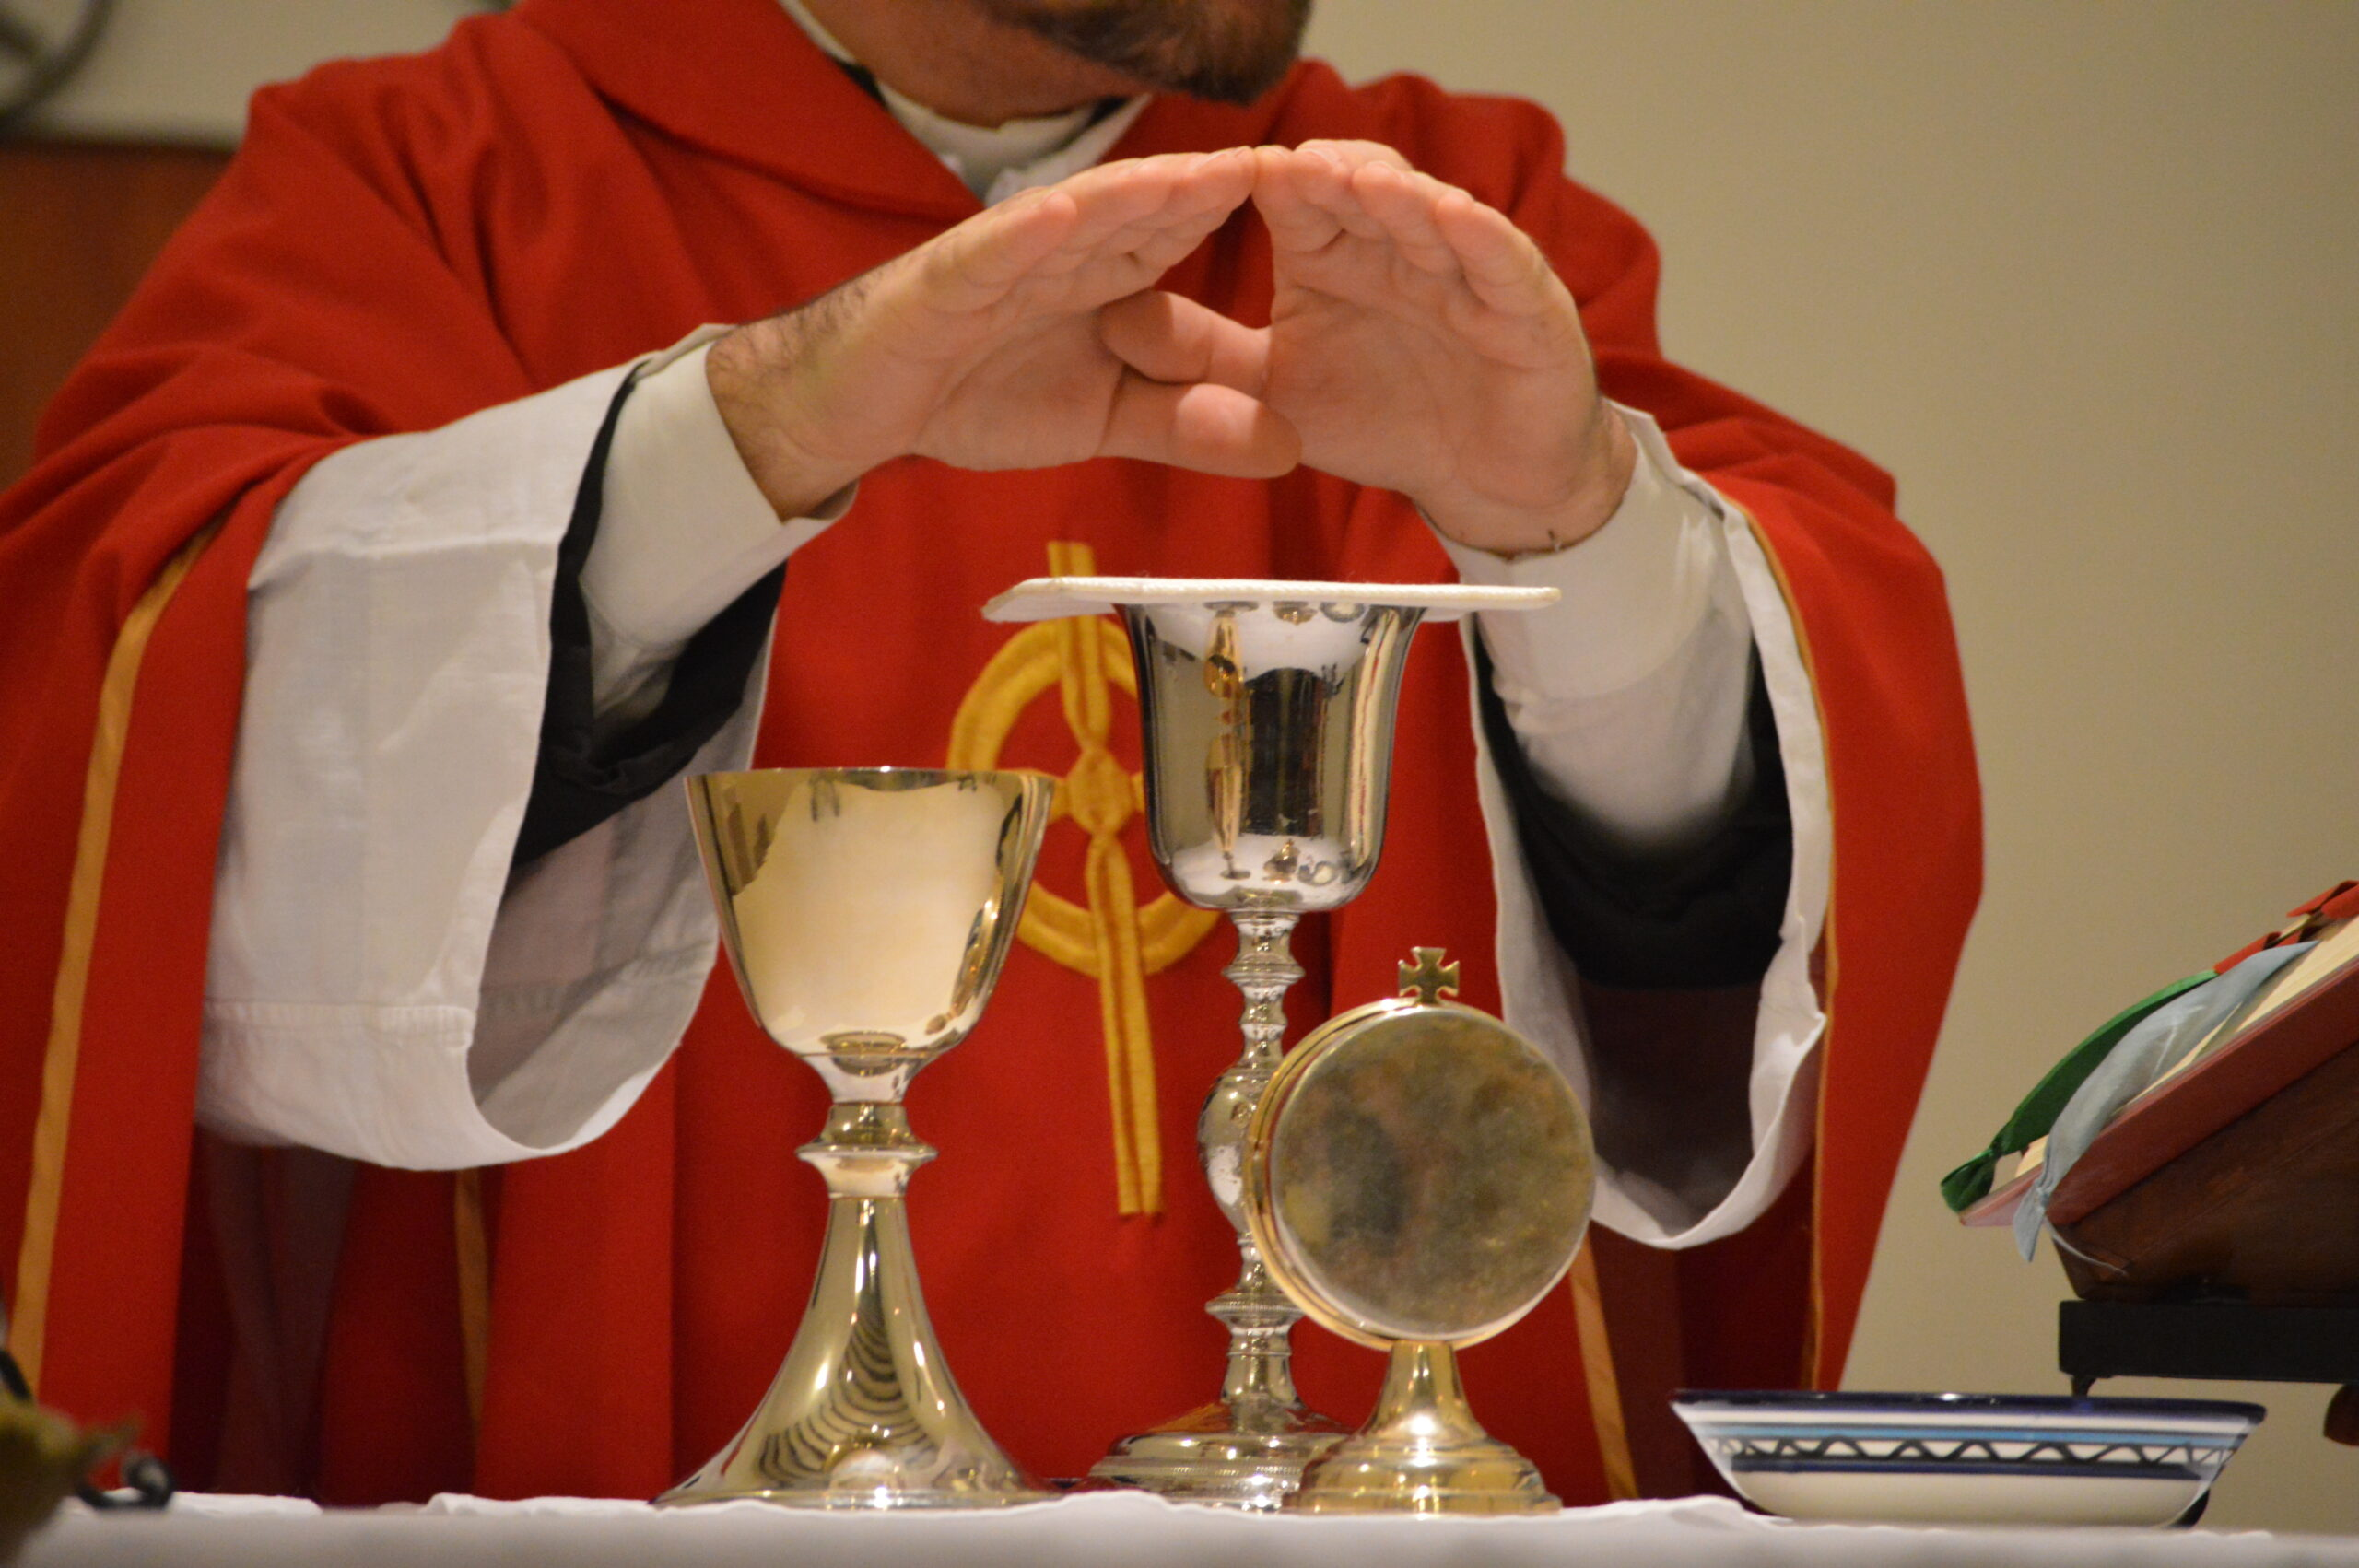 Se suspenden misas presenciales en la Arquidiócesis de Panamá